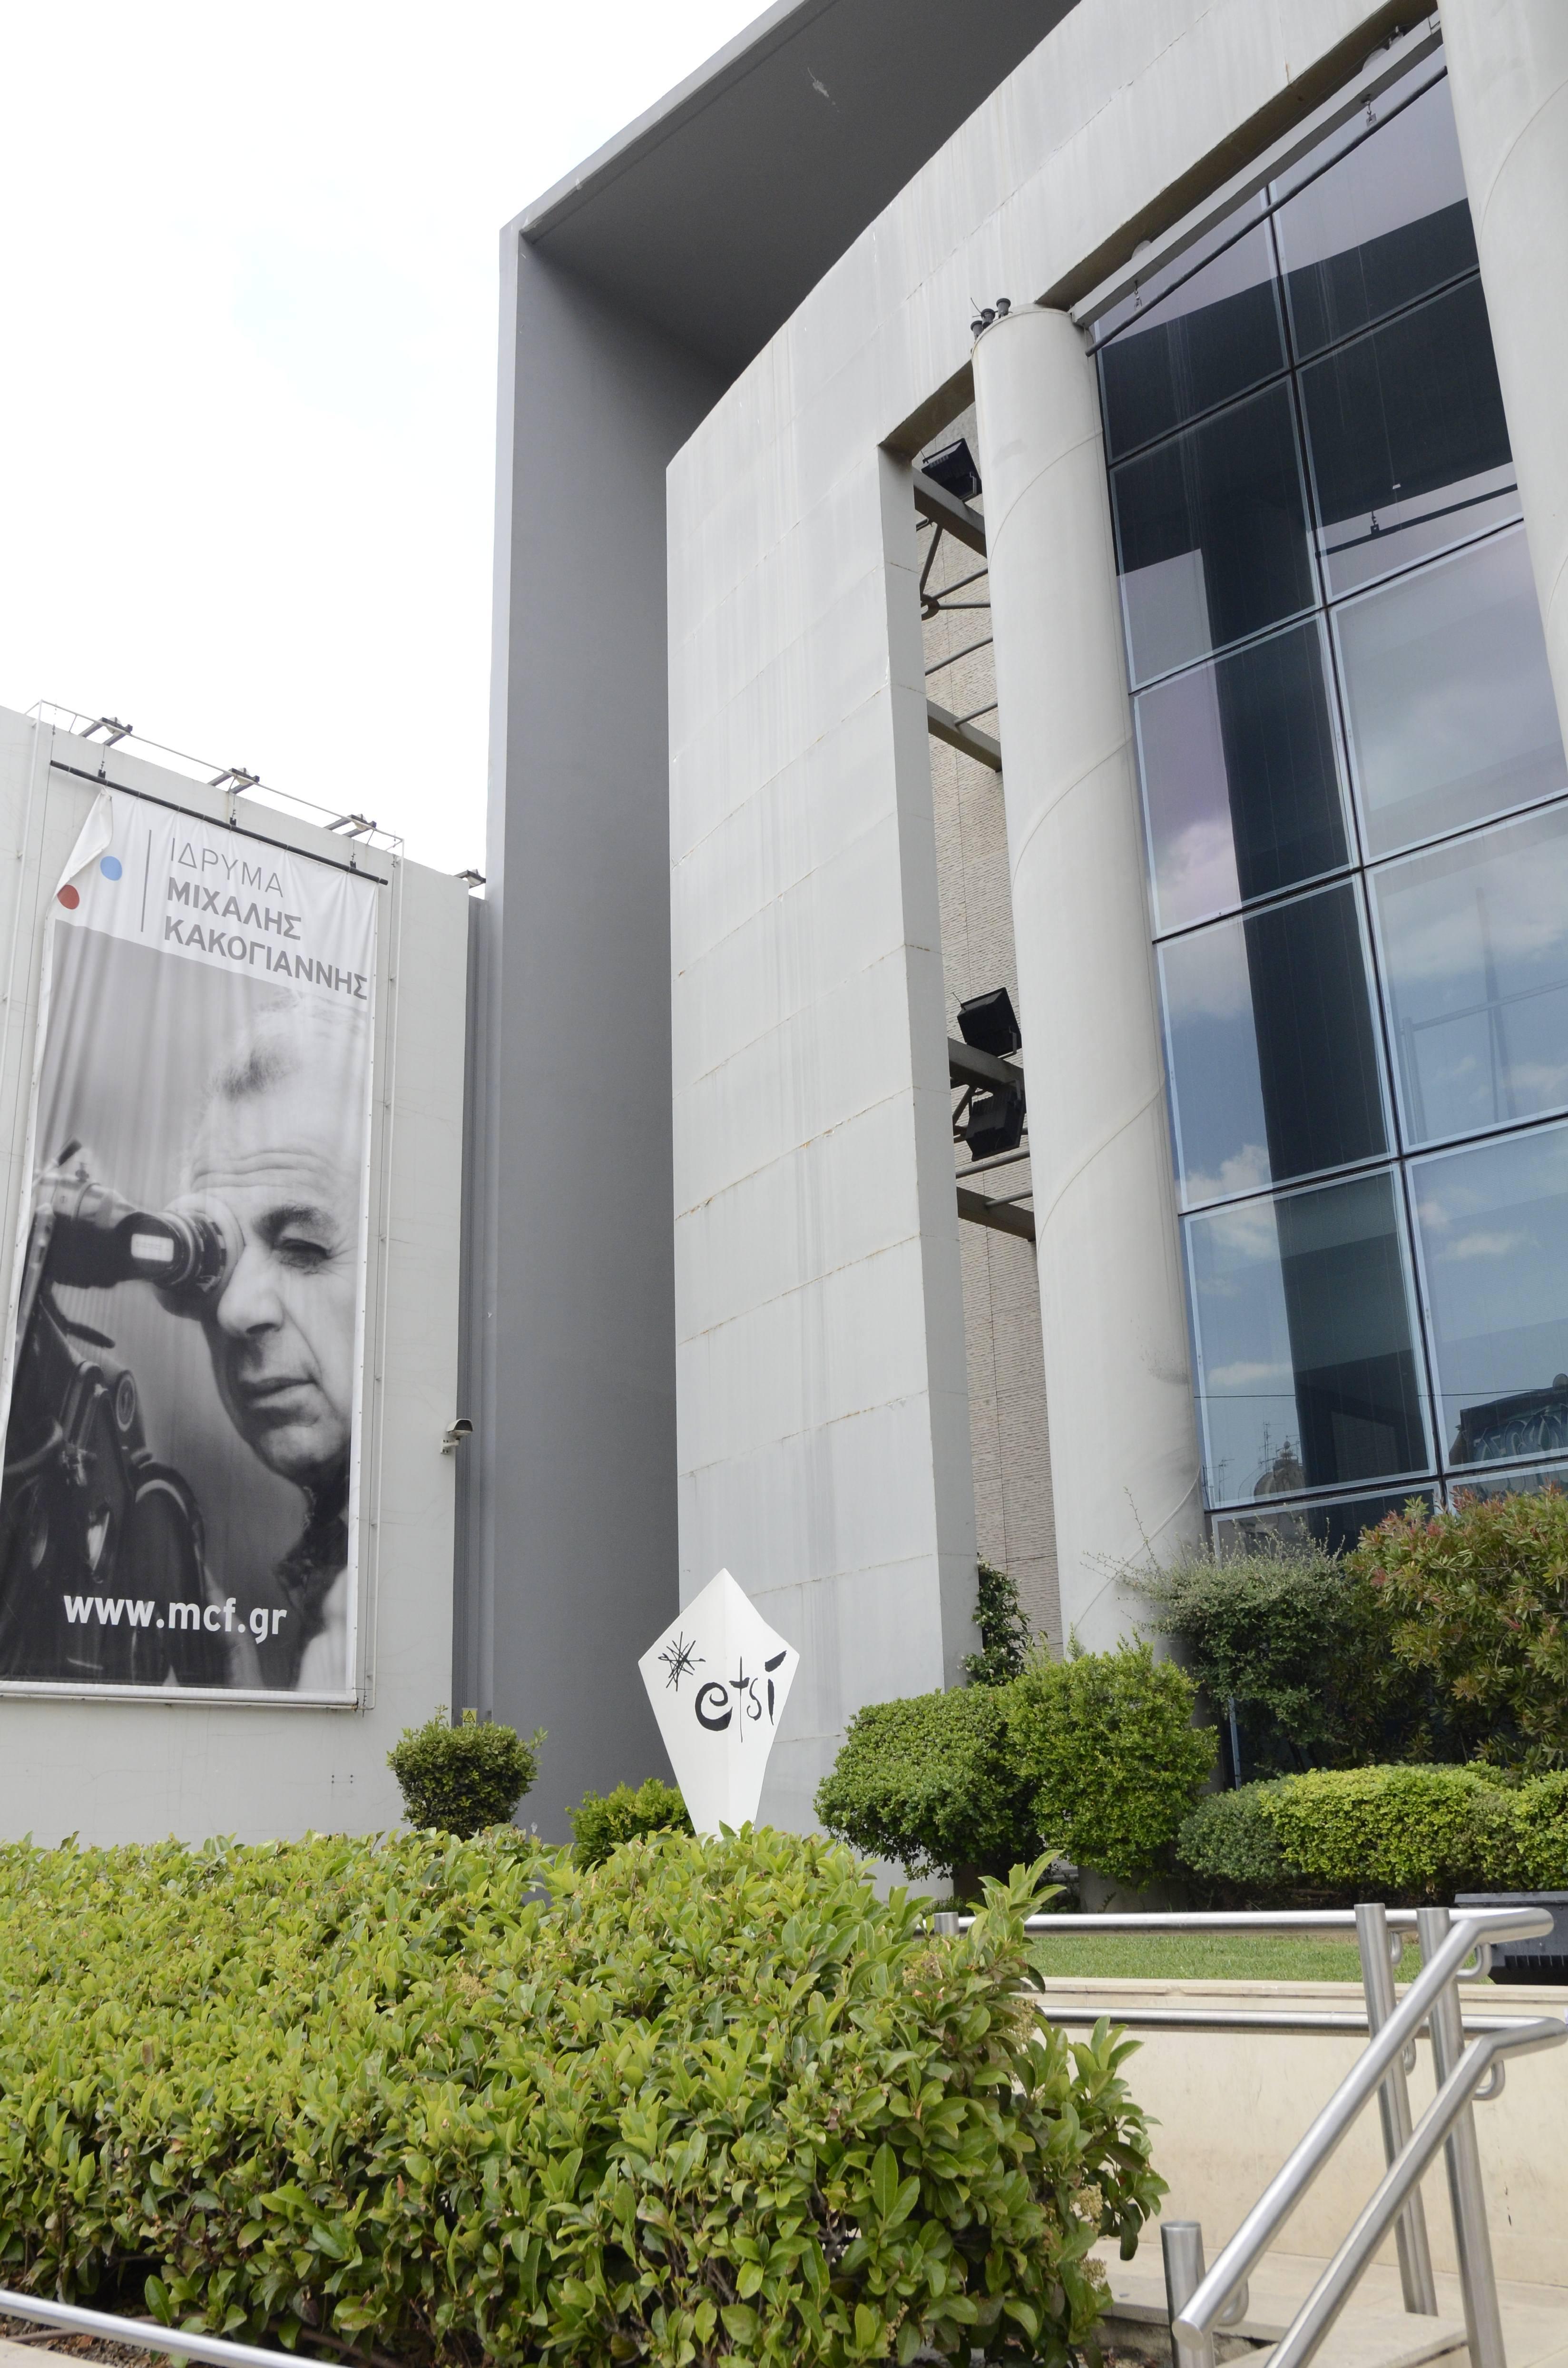 Ένα μεγάλο ΕΥΧΑΡΙΣΤΩ στο Ίδρυμα Μιχάλης Κακογιάννης για τη φιλοξενία